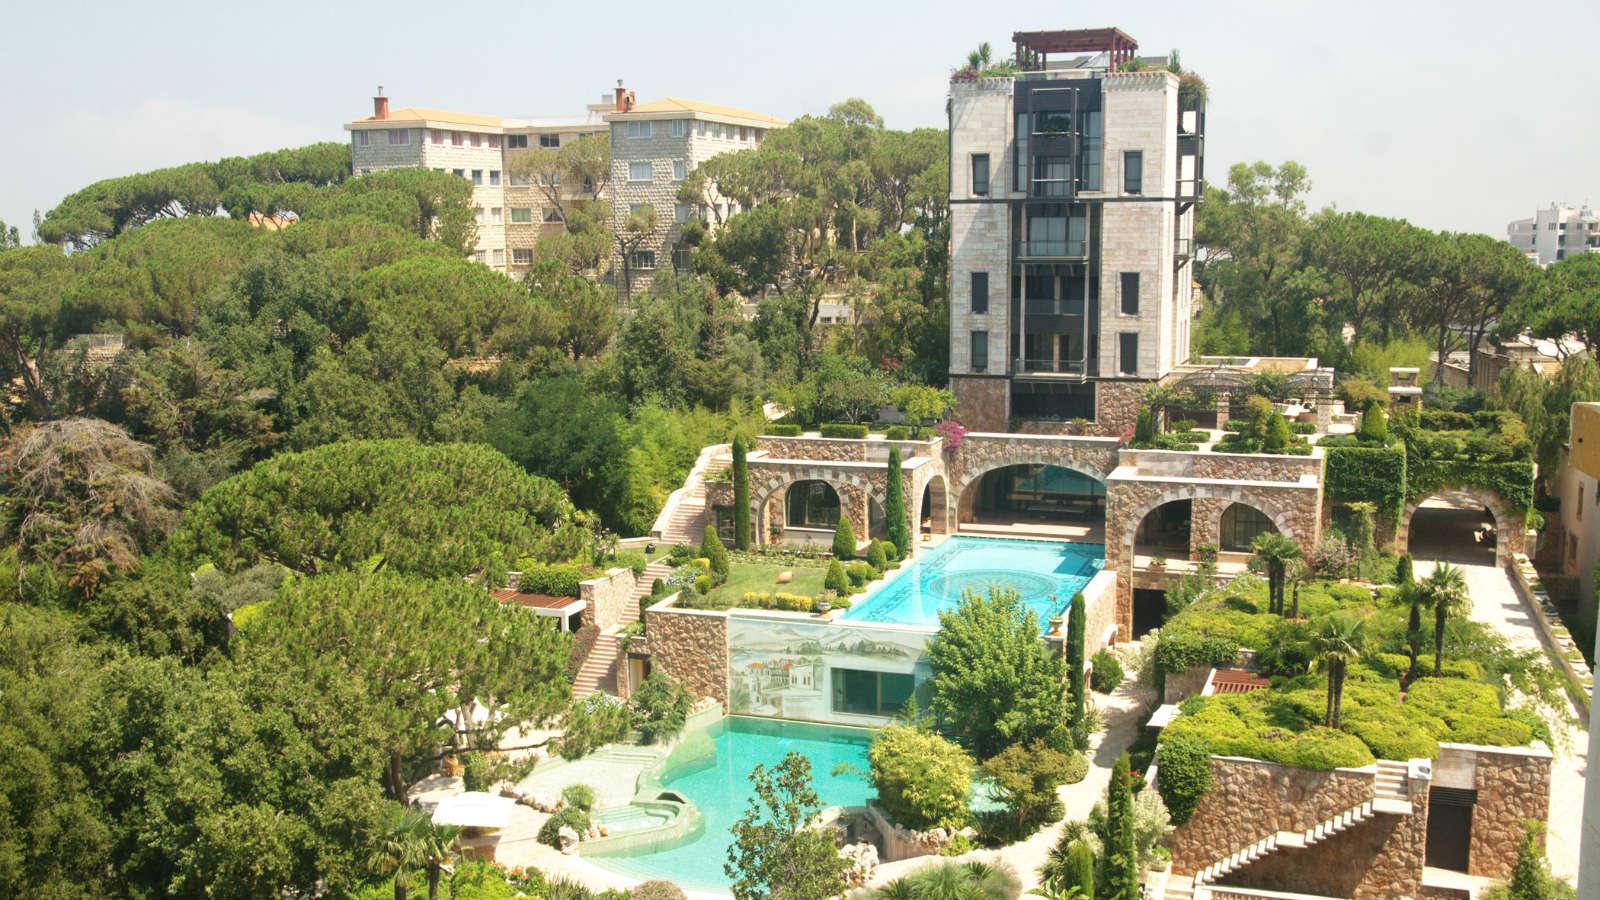 Hoteles con encanto la suite m s grande del mundo tiene seis plantas m2 y piscina - Hoteles con encanto y piscina ...